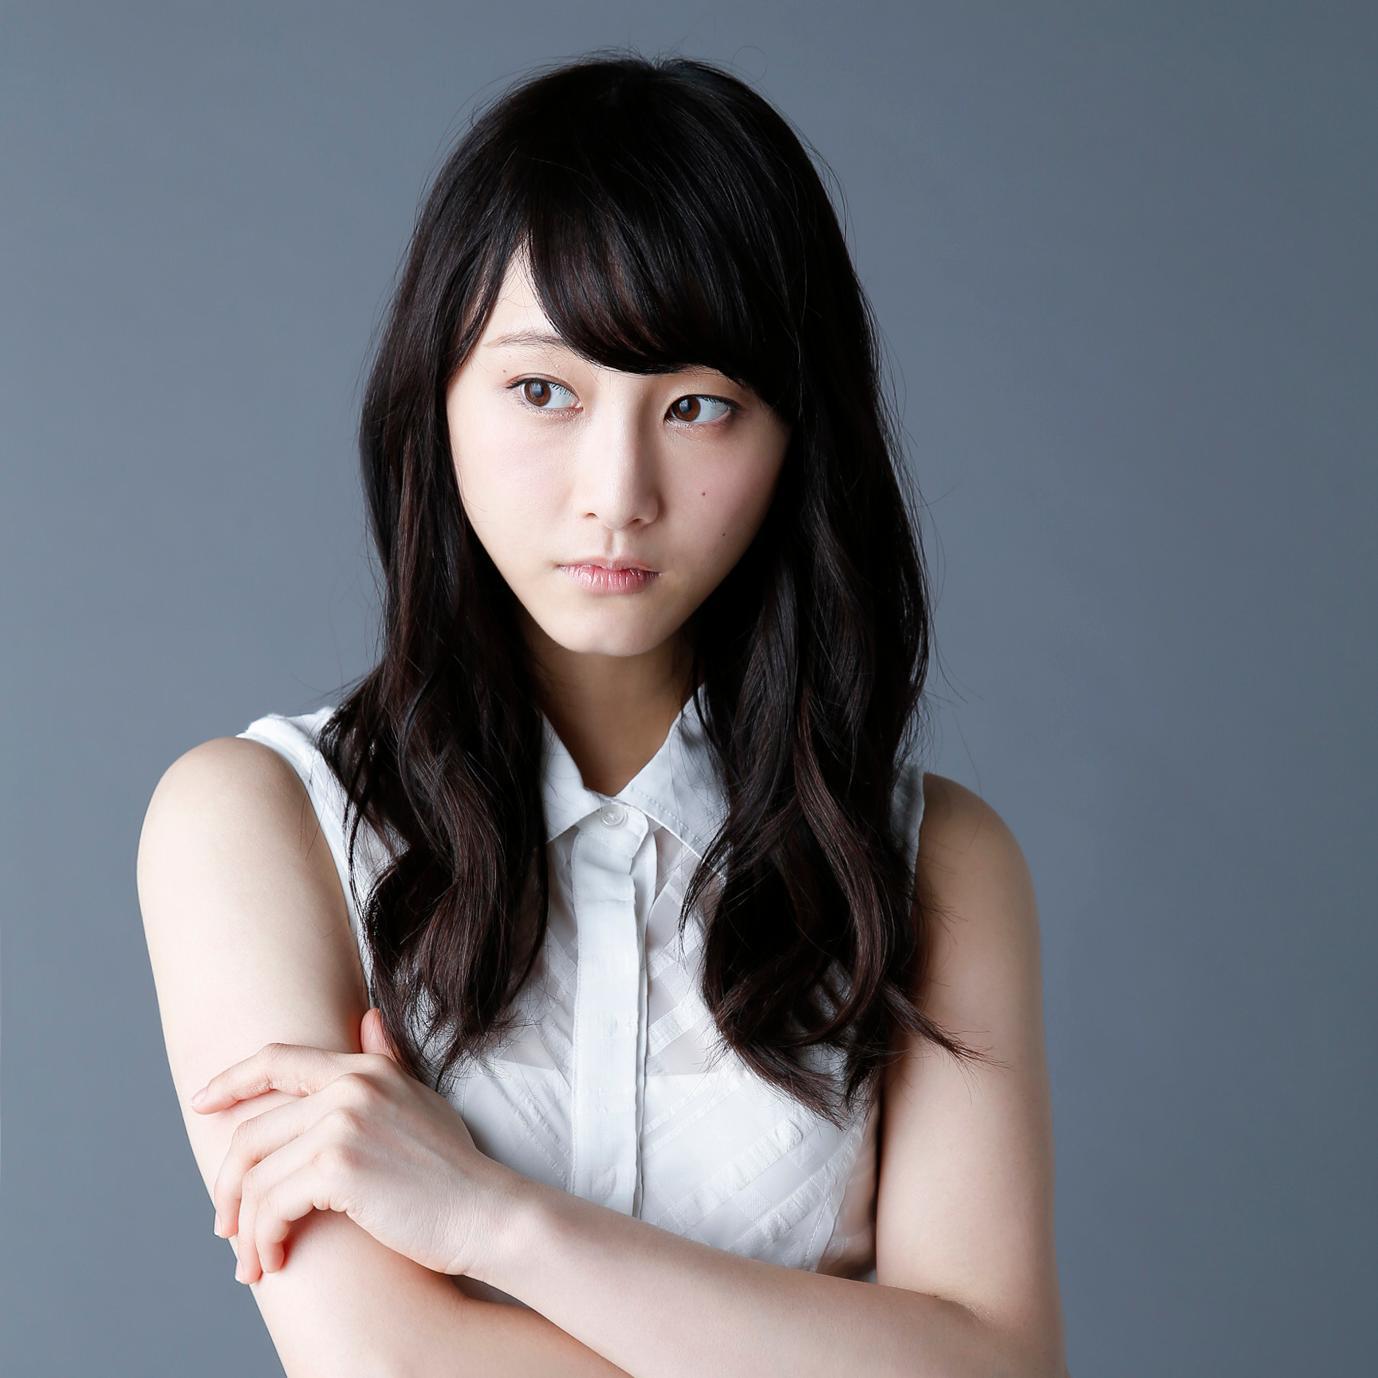 乃木坂46とSKE48を兼任していた松井玲奈・2015年8月AKBグループ卒業のサムネイル画像